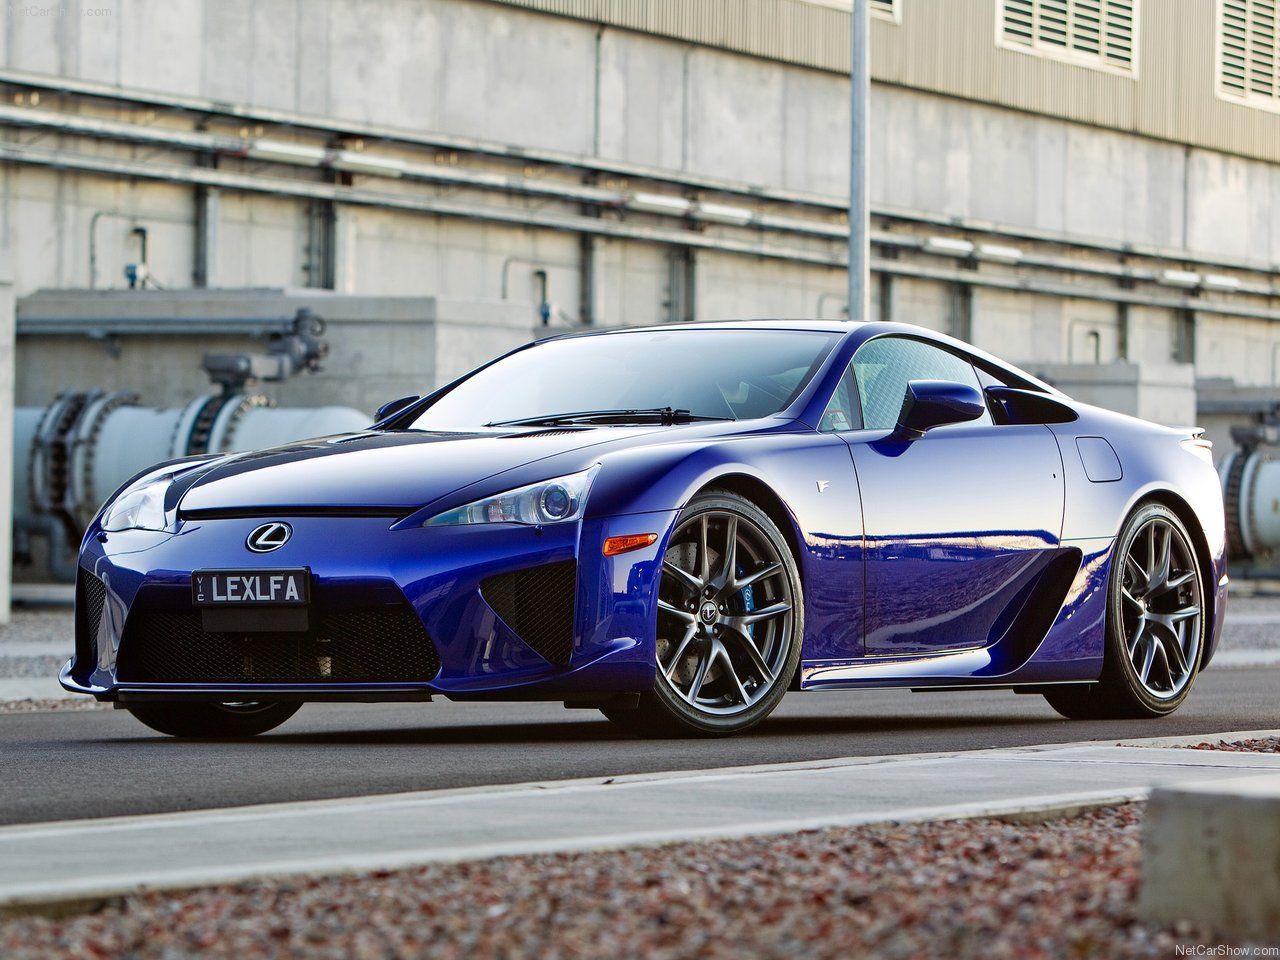 2011 Lexus LFA Lexus lfa, Lexus, Super cars